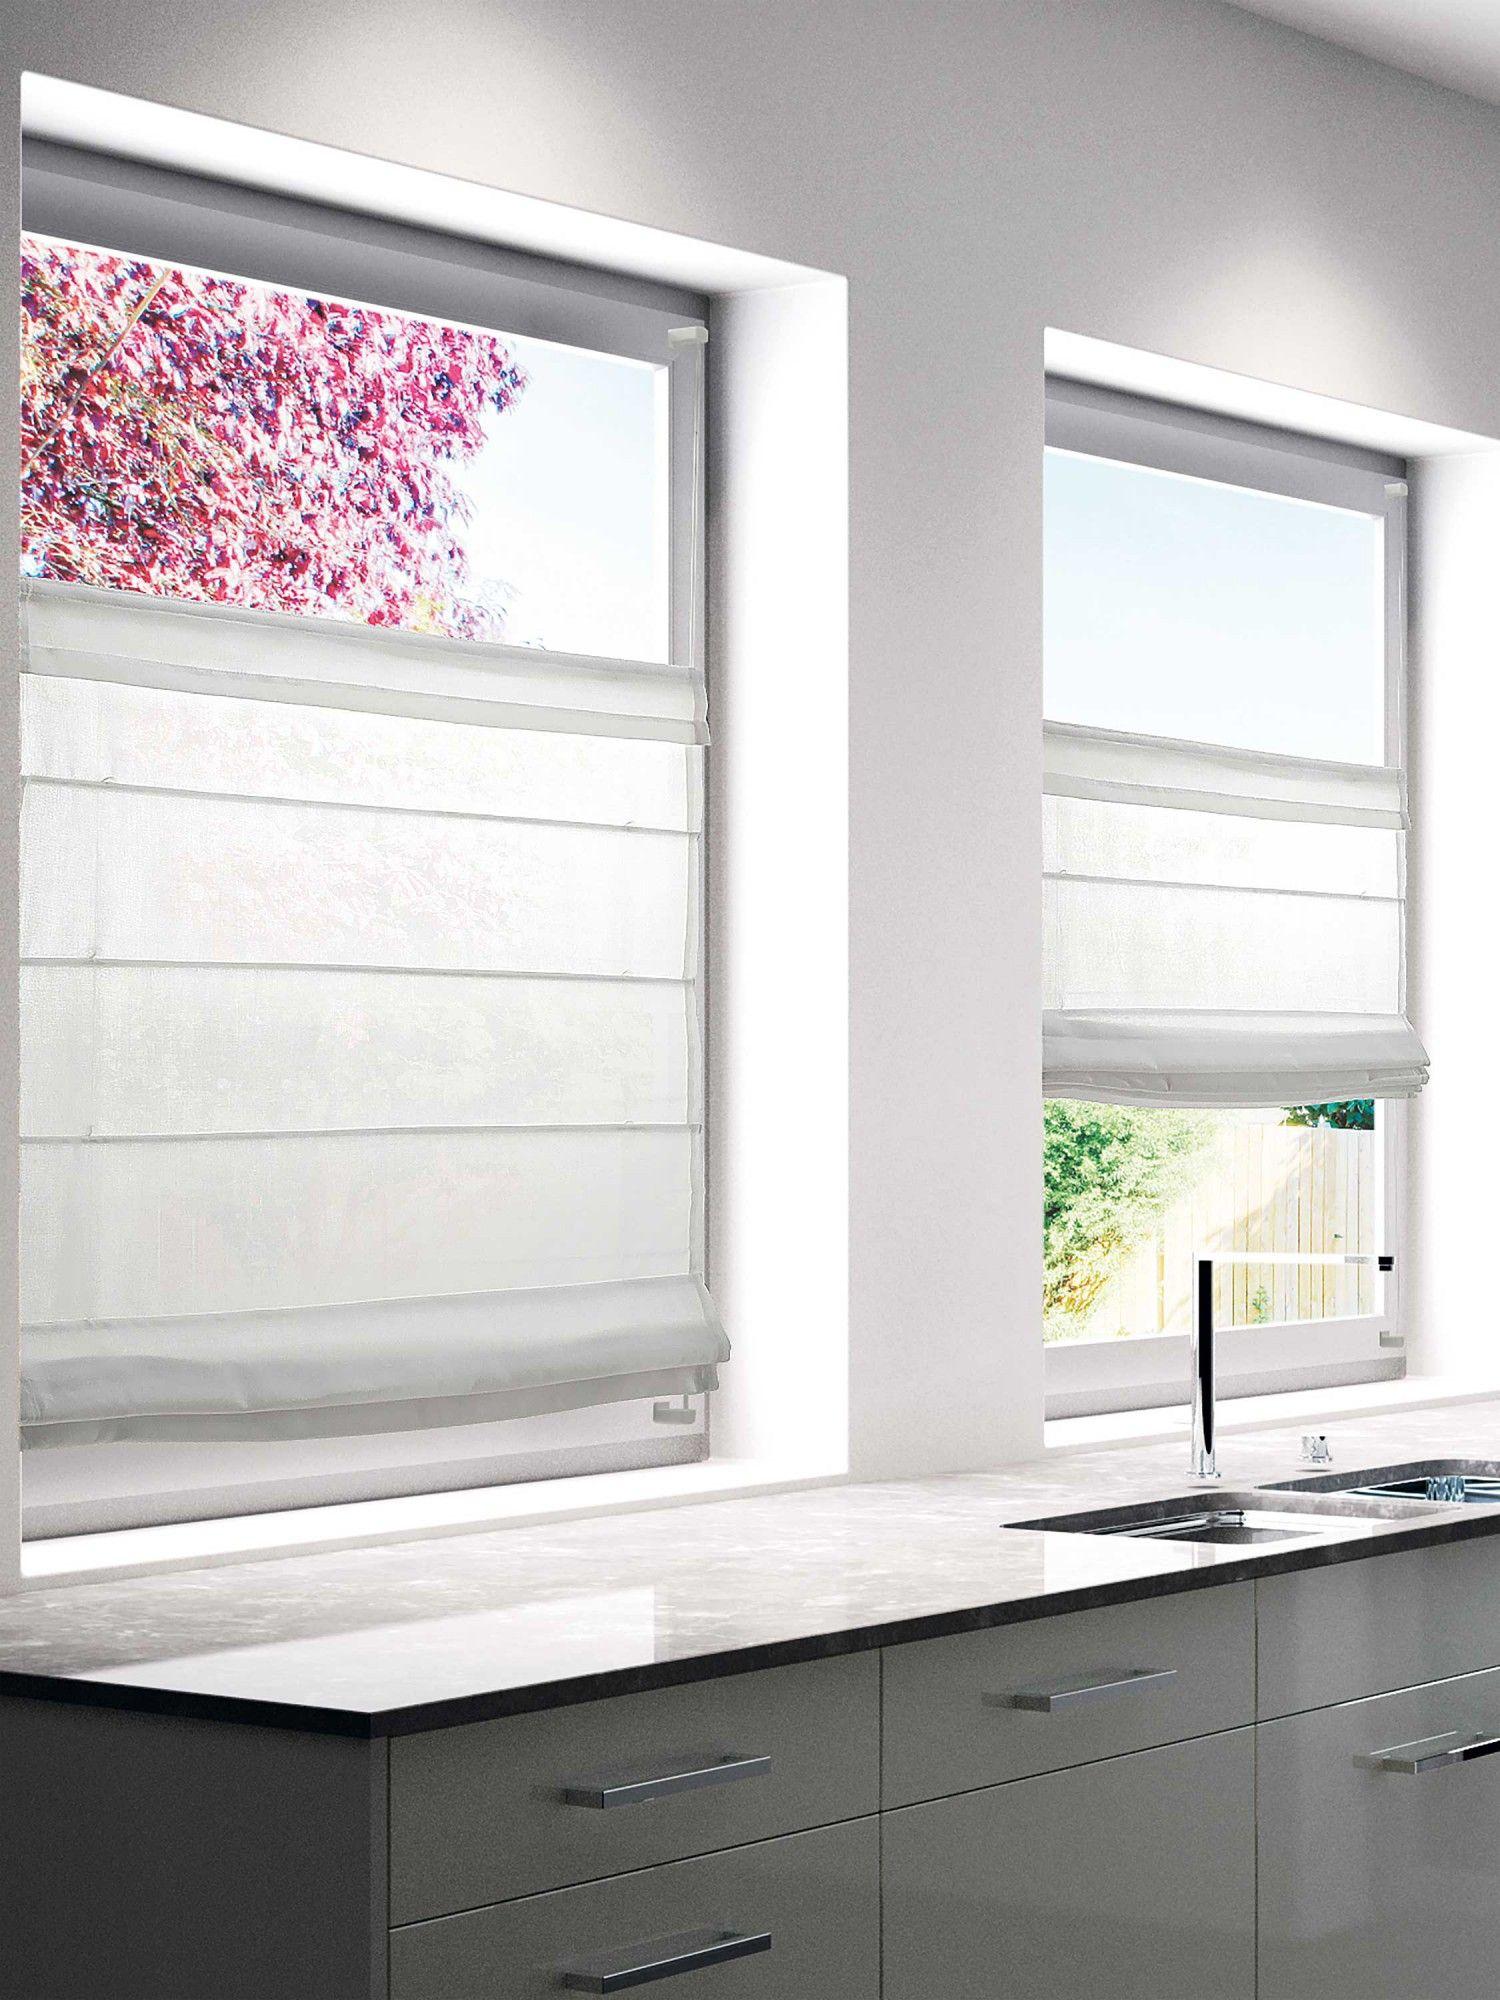 Full Size of Window Covering Ideas Kchenfenster Gardinen Küche Für Die Scheibengardinen Schlafzimmer Wohnzimmer Fenster Wohnzimmer Gardinen Küchenfenster